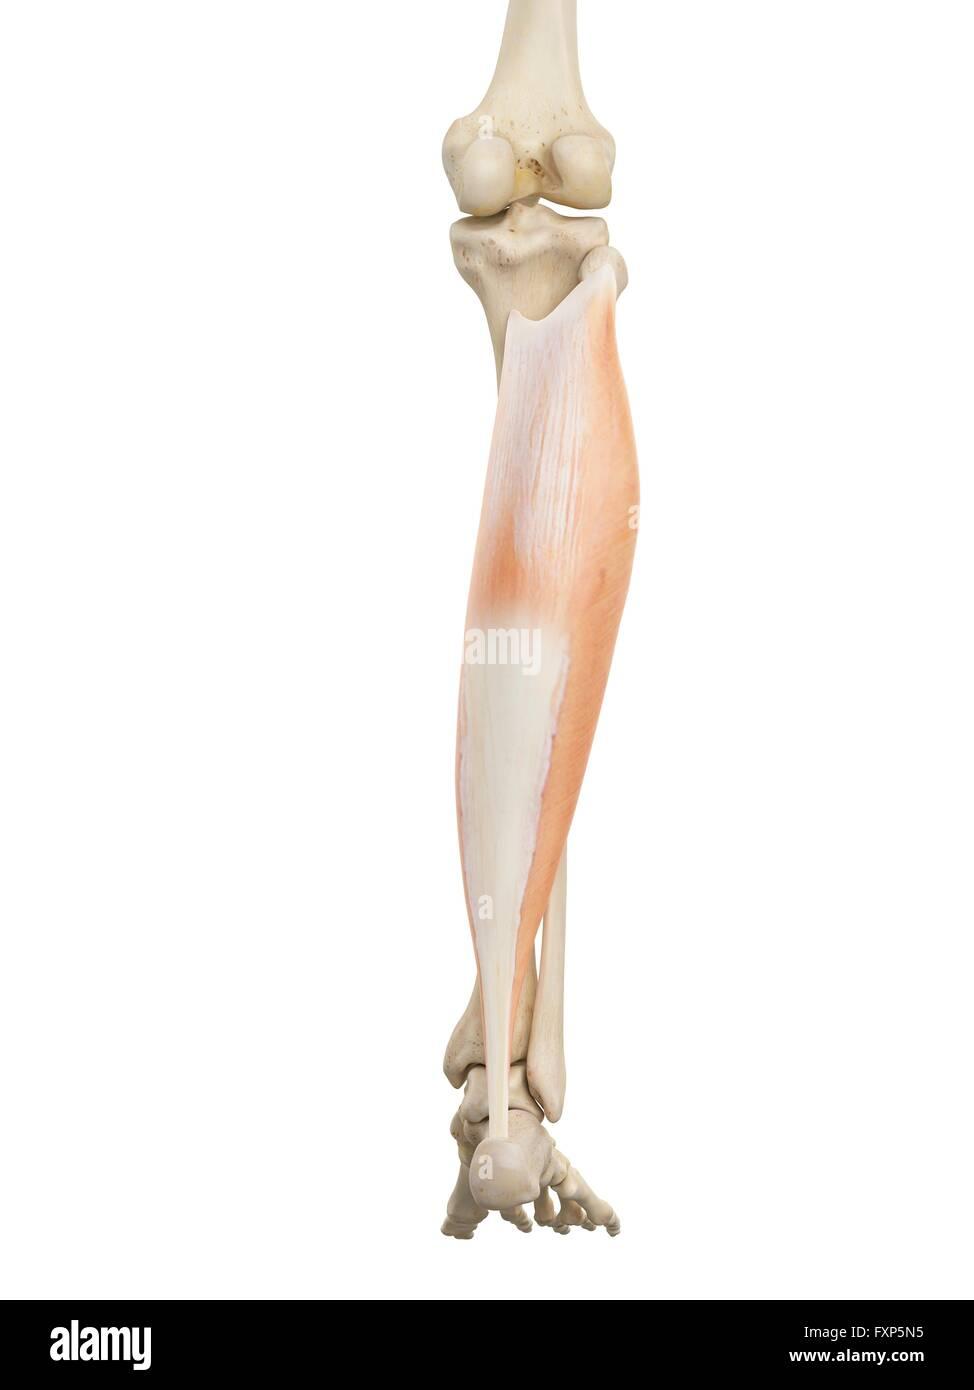 Niedlich Hinteres Bein Anatomie Bilder - Anatomie Ideen - finotti.info